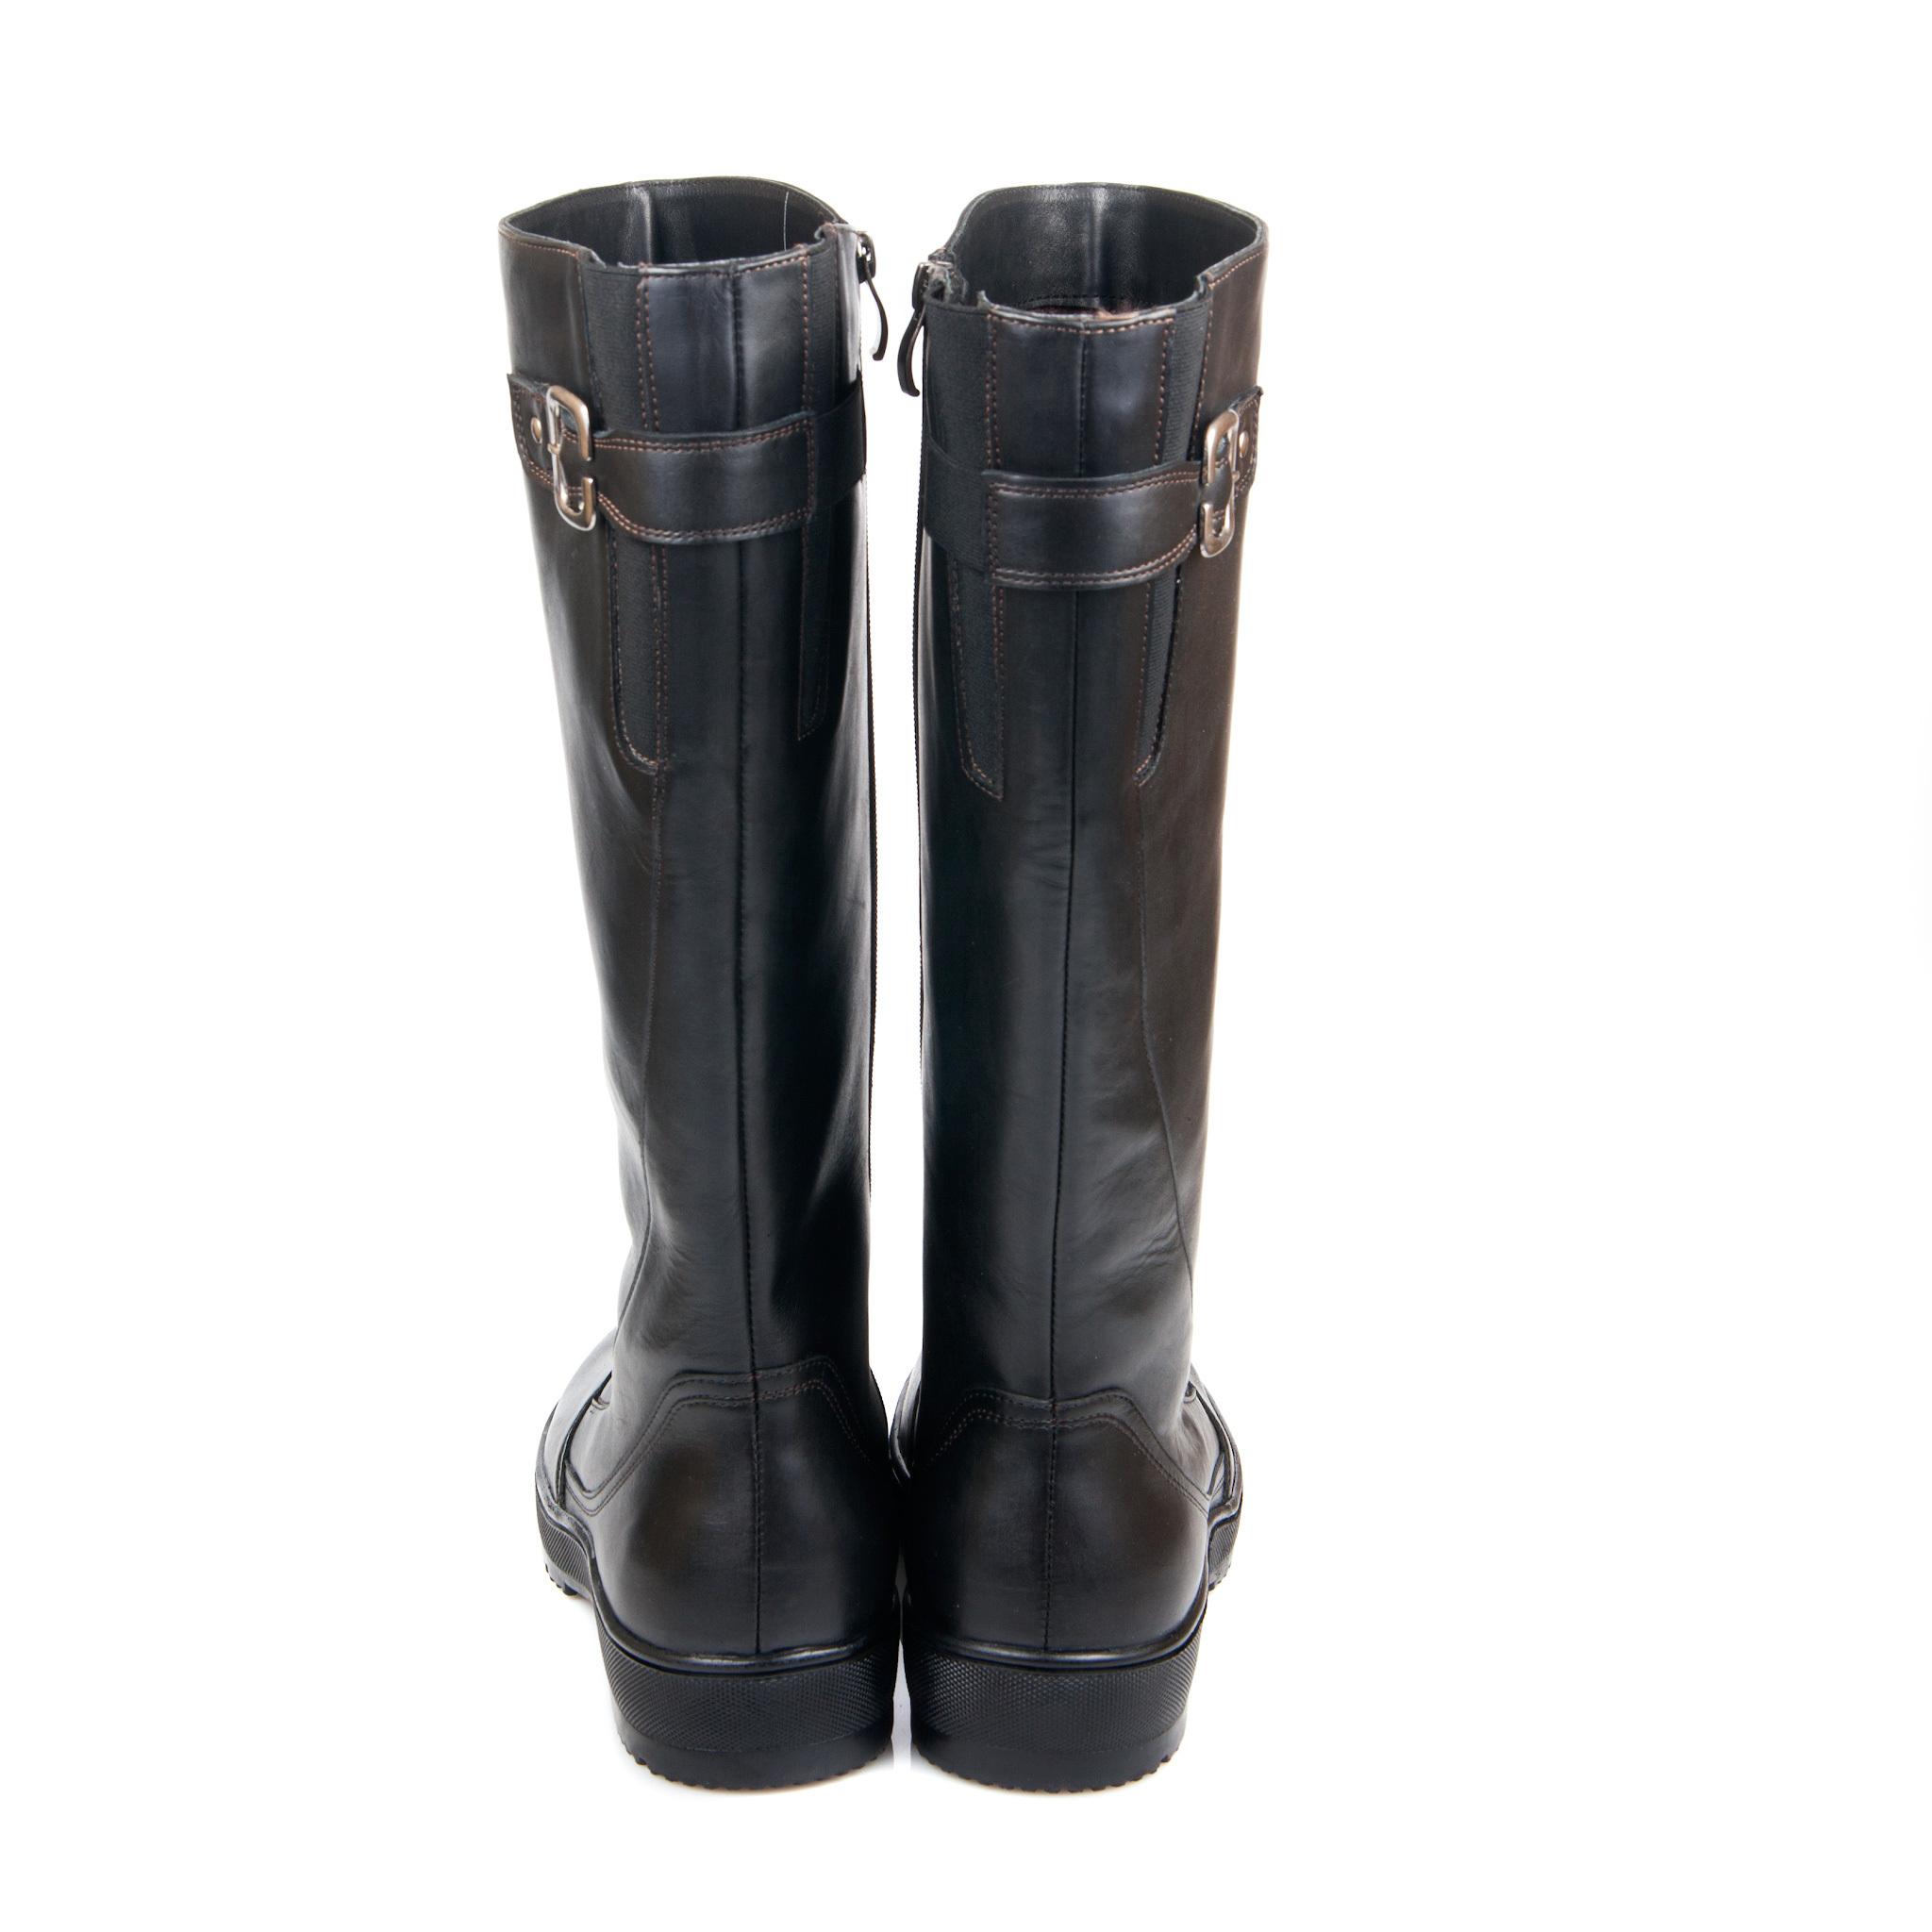 625559 сапоги женские больших размеров марки Делфино